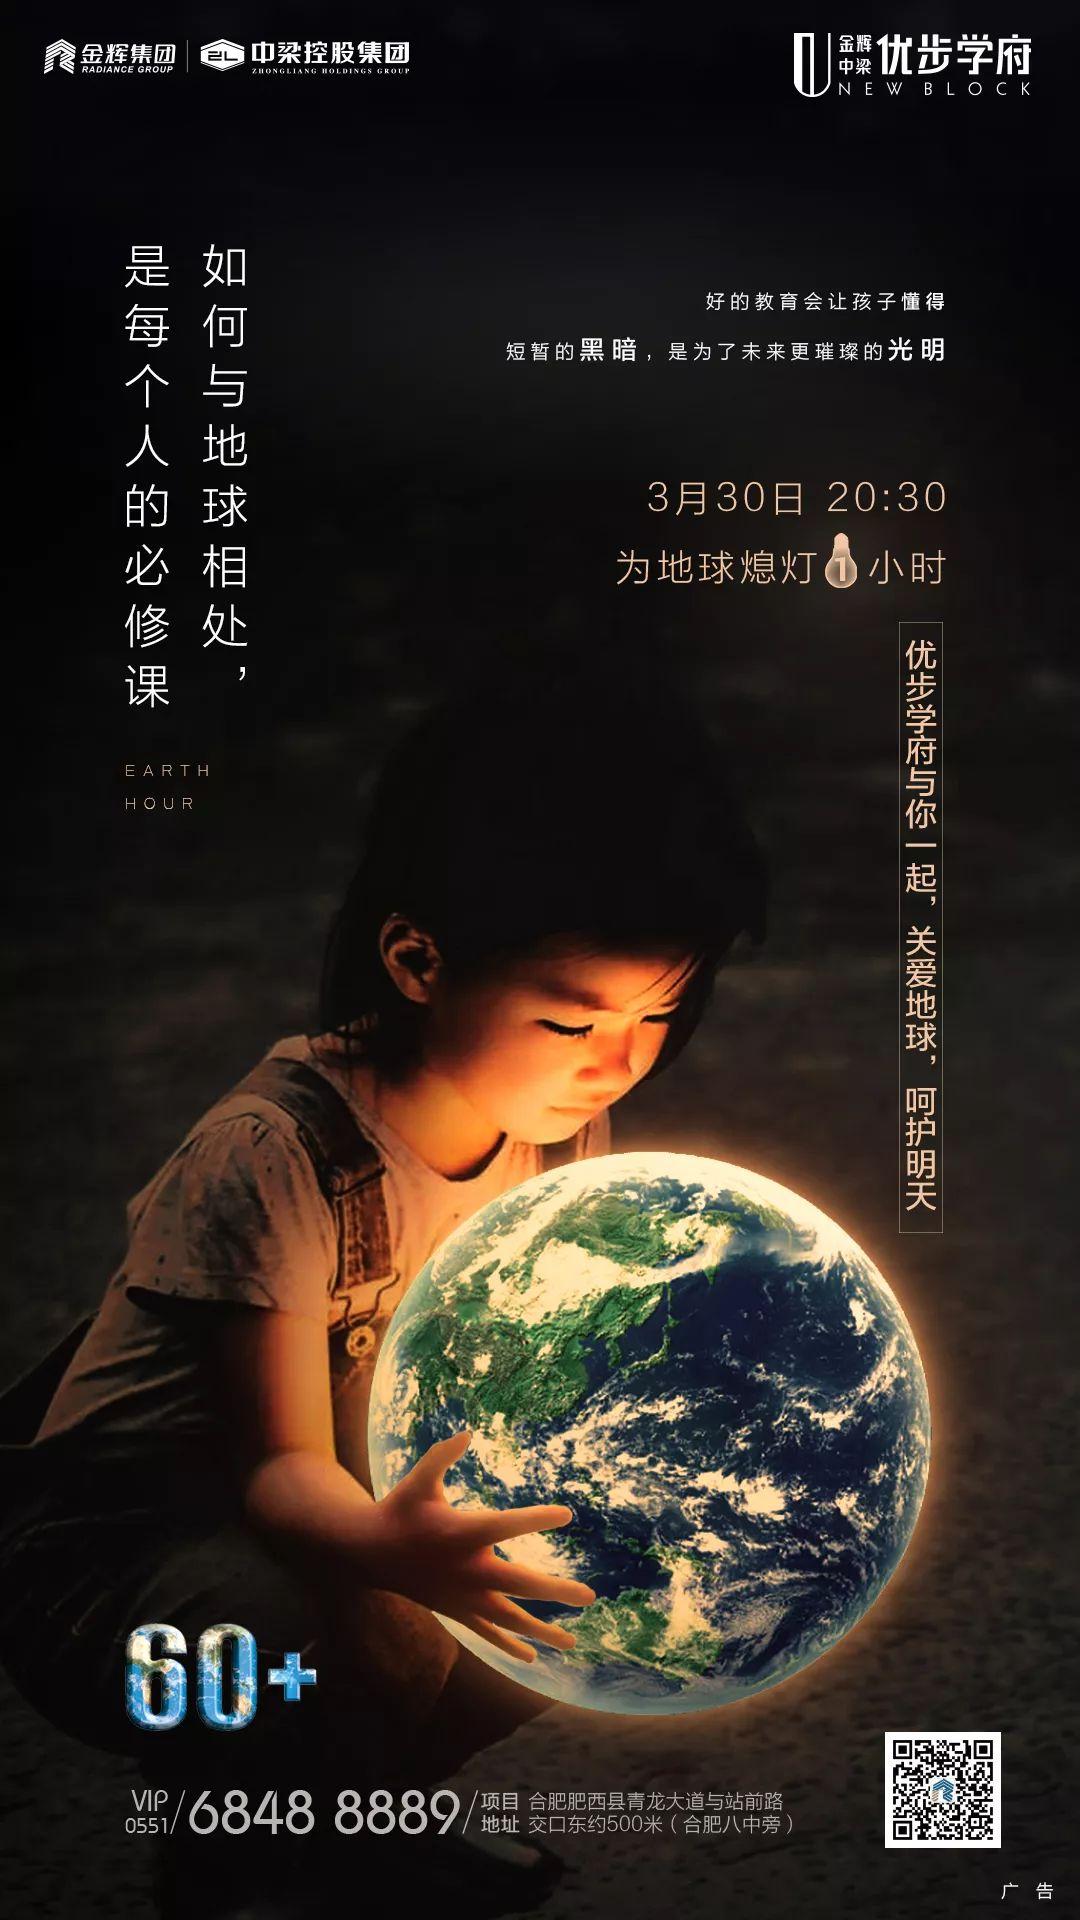 地球一小时文案海报:抬头发现天空中最亮的星!插图30